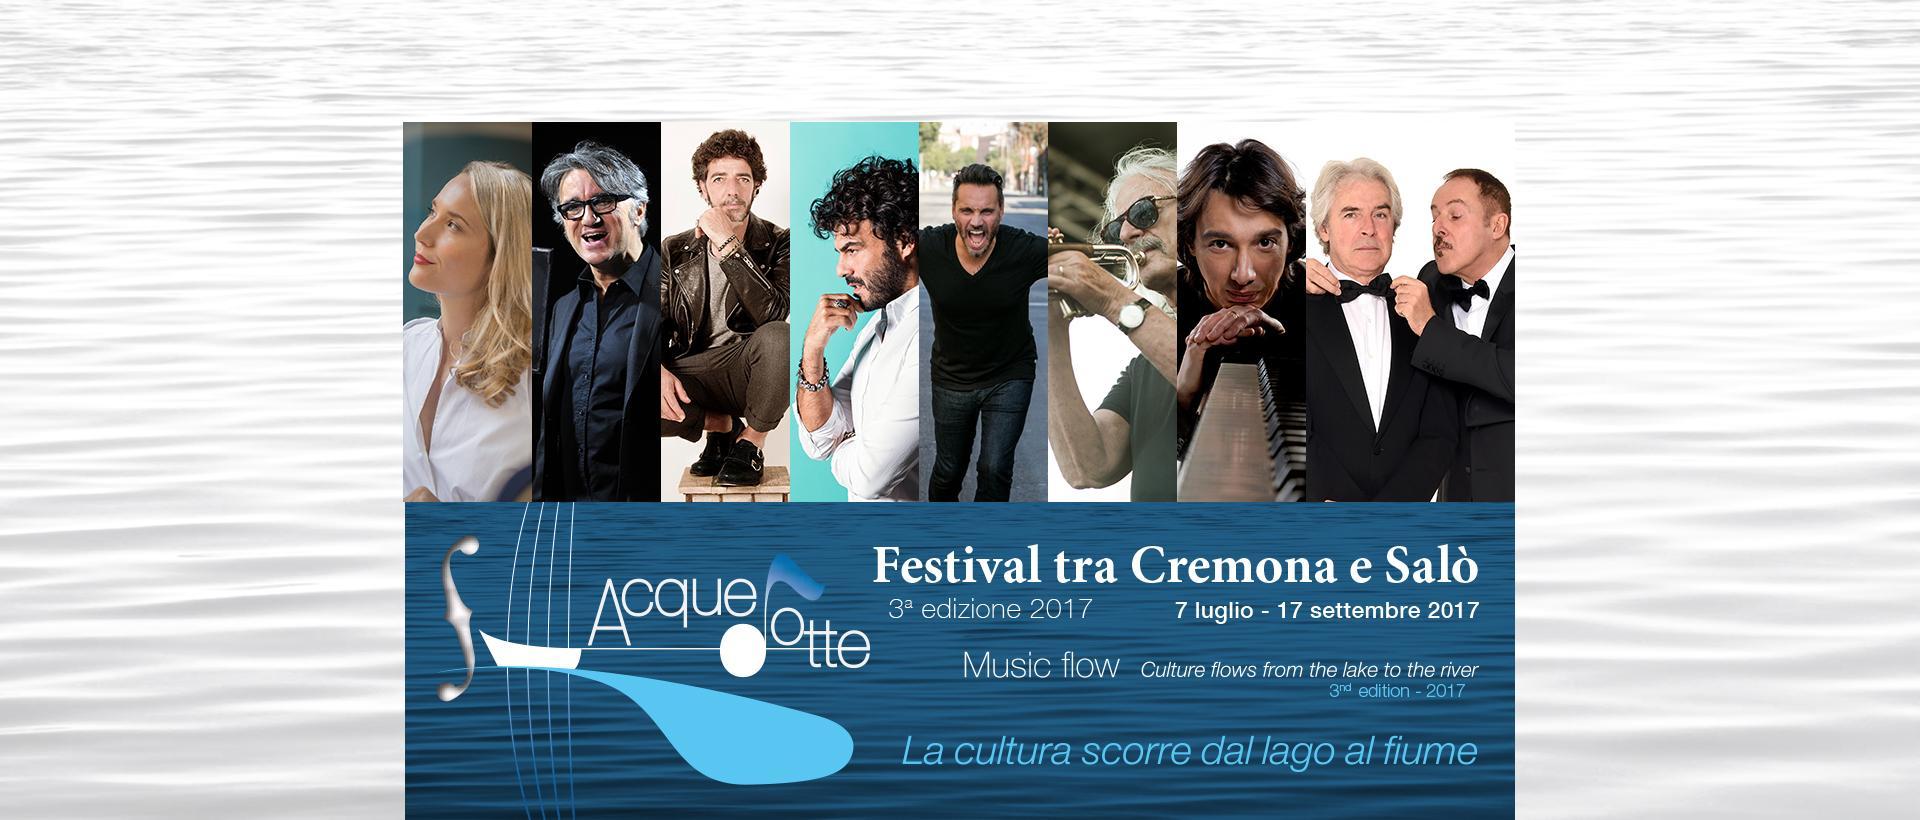 Festival Acquedotte 2017: un fiume in piena di musica ed entusiasmo. Concerti tra palazzo Trecchi e piazza del Comune